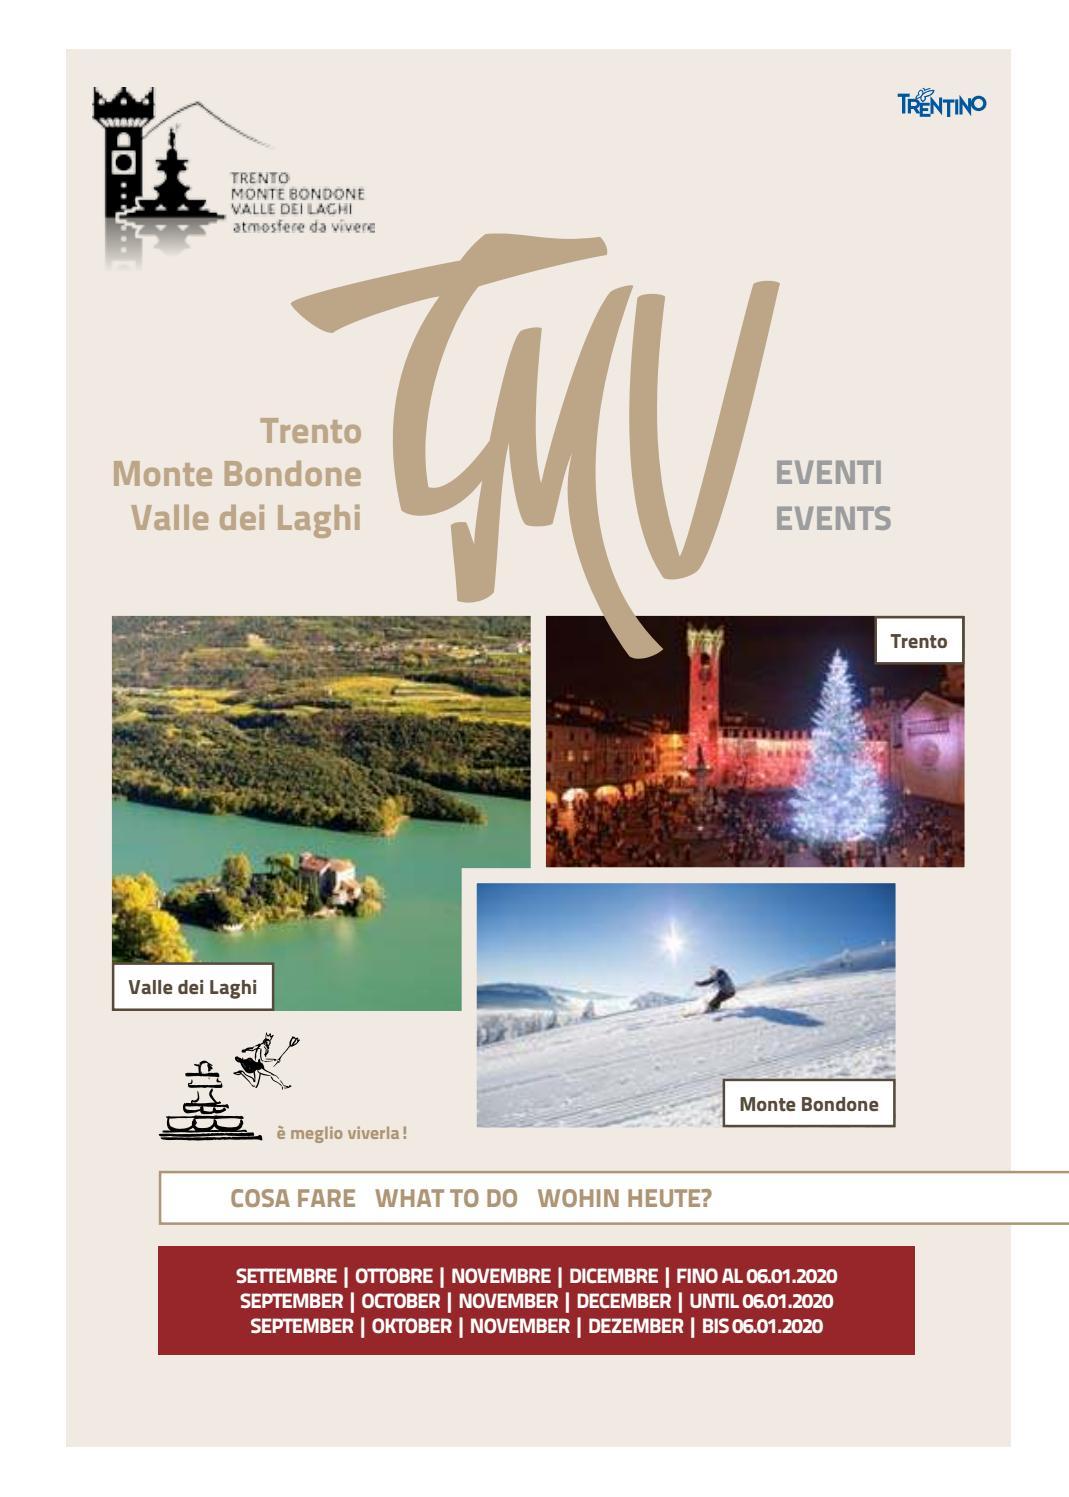 Calendario Taglio Legna 2020.Eventi Set 2019 Gen 2020 Events Sep 2019 Jan 2020 By